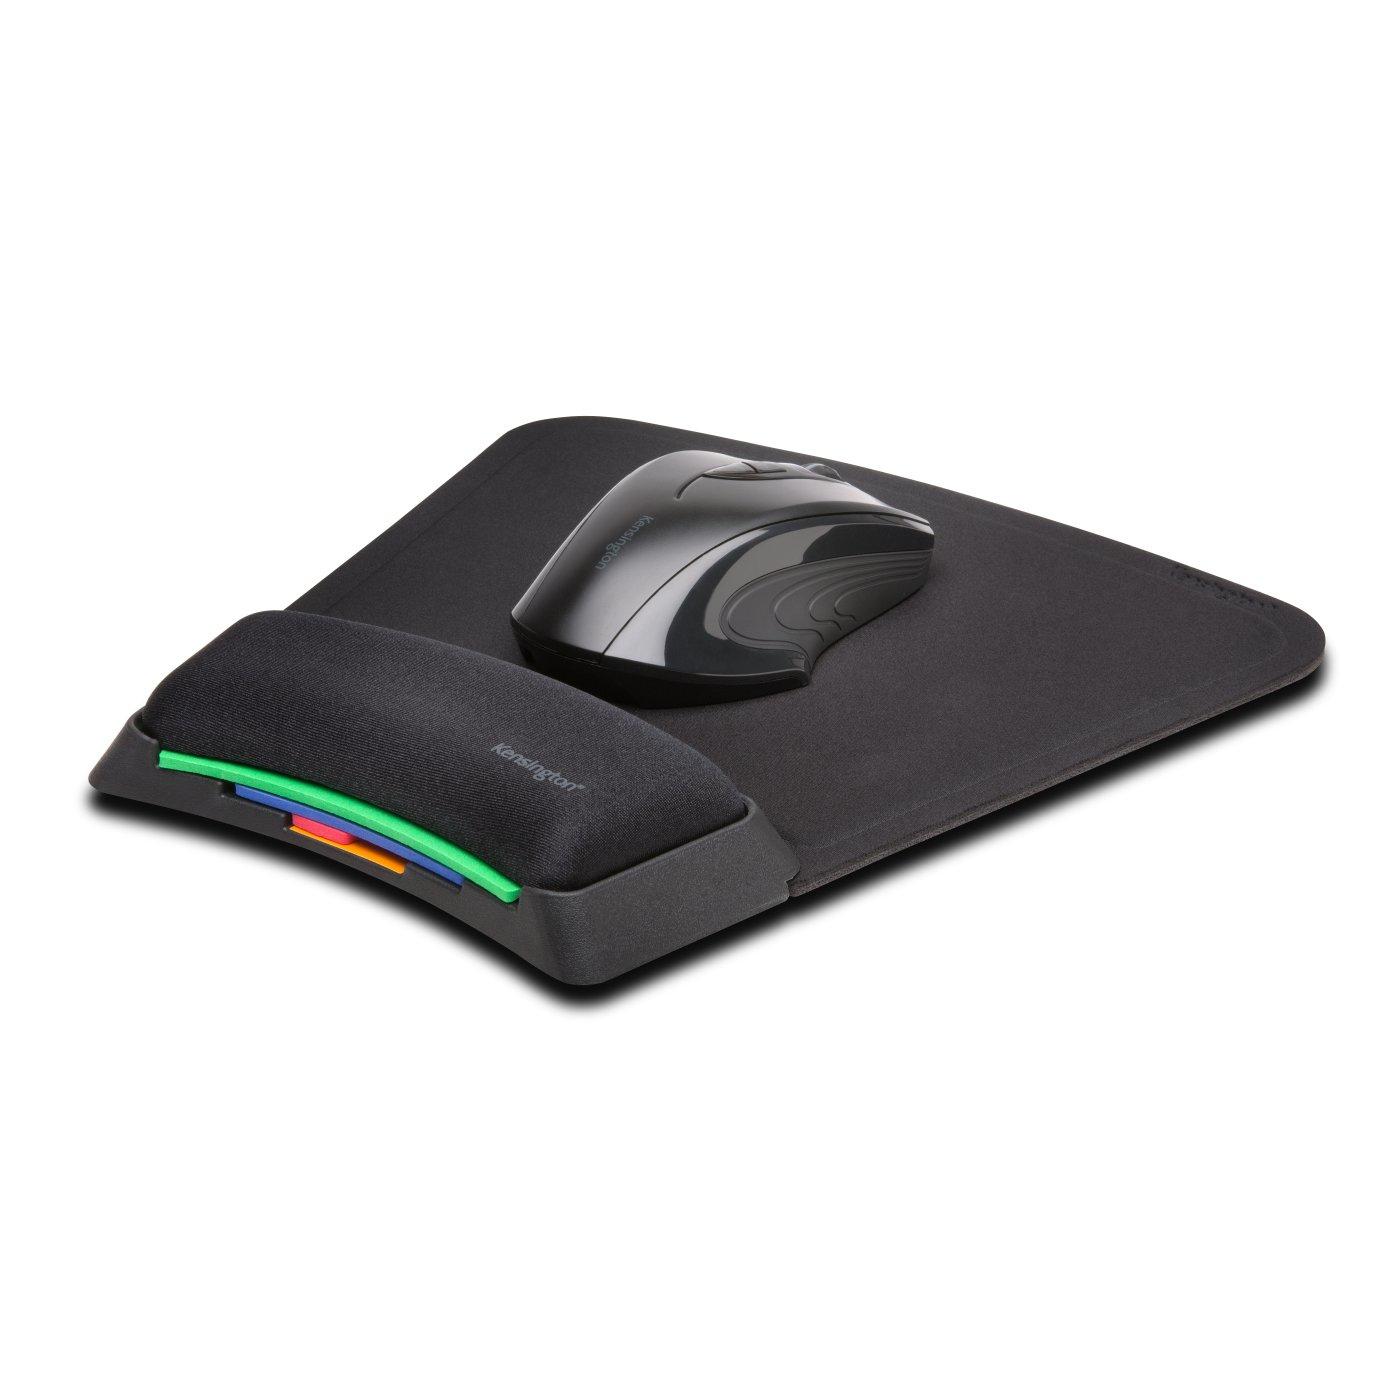 Kensington SmartFit® Mouse Pad